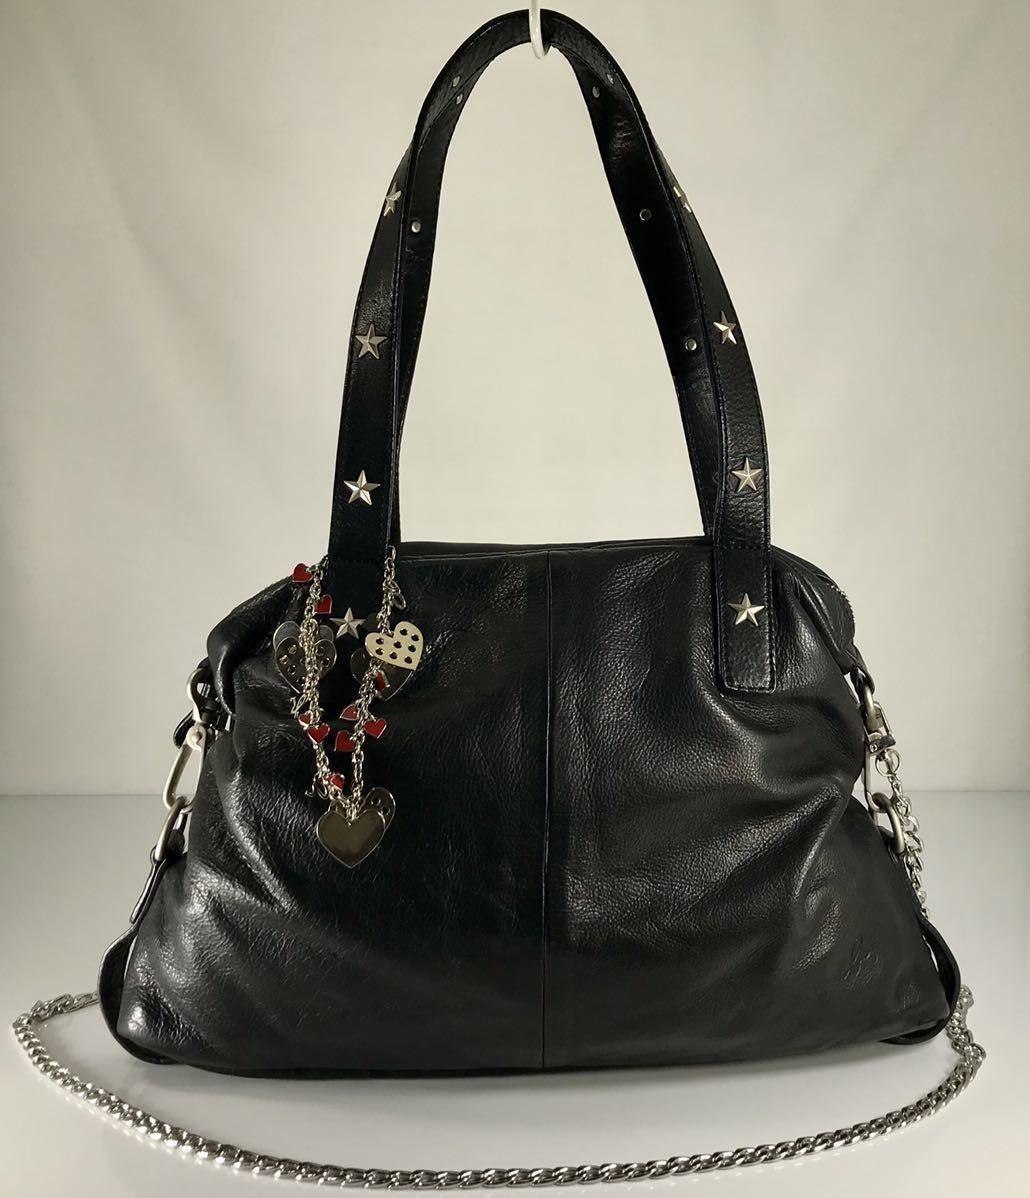 美品 agnes b アニエス・ベー 本革高級牛皮 2WAY 可愛い スタッズ付き ブラック iPad収納 トート&ショルダーバッグ。ロゴチャーム付き。